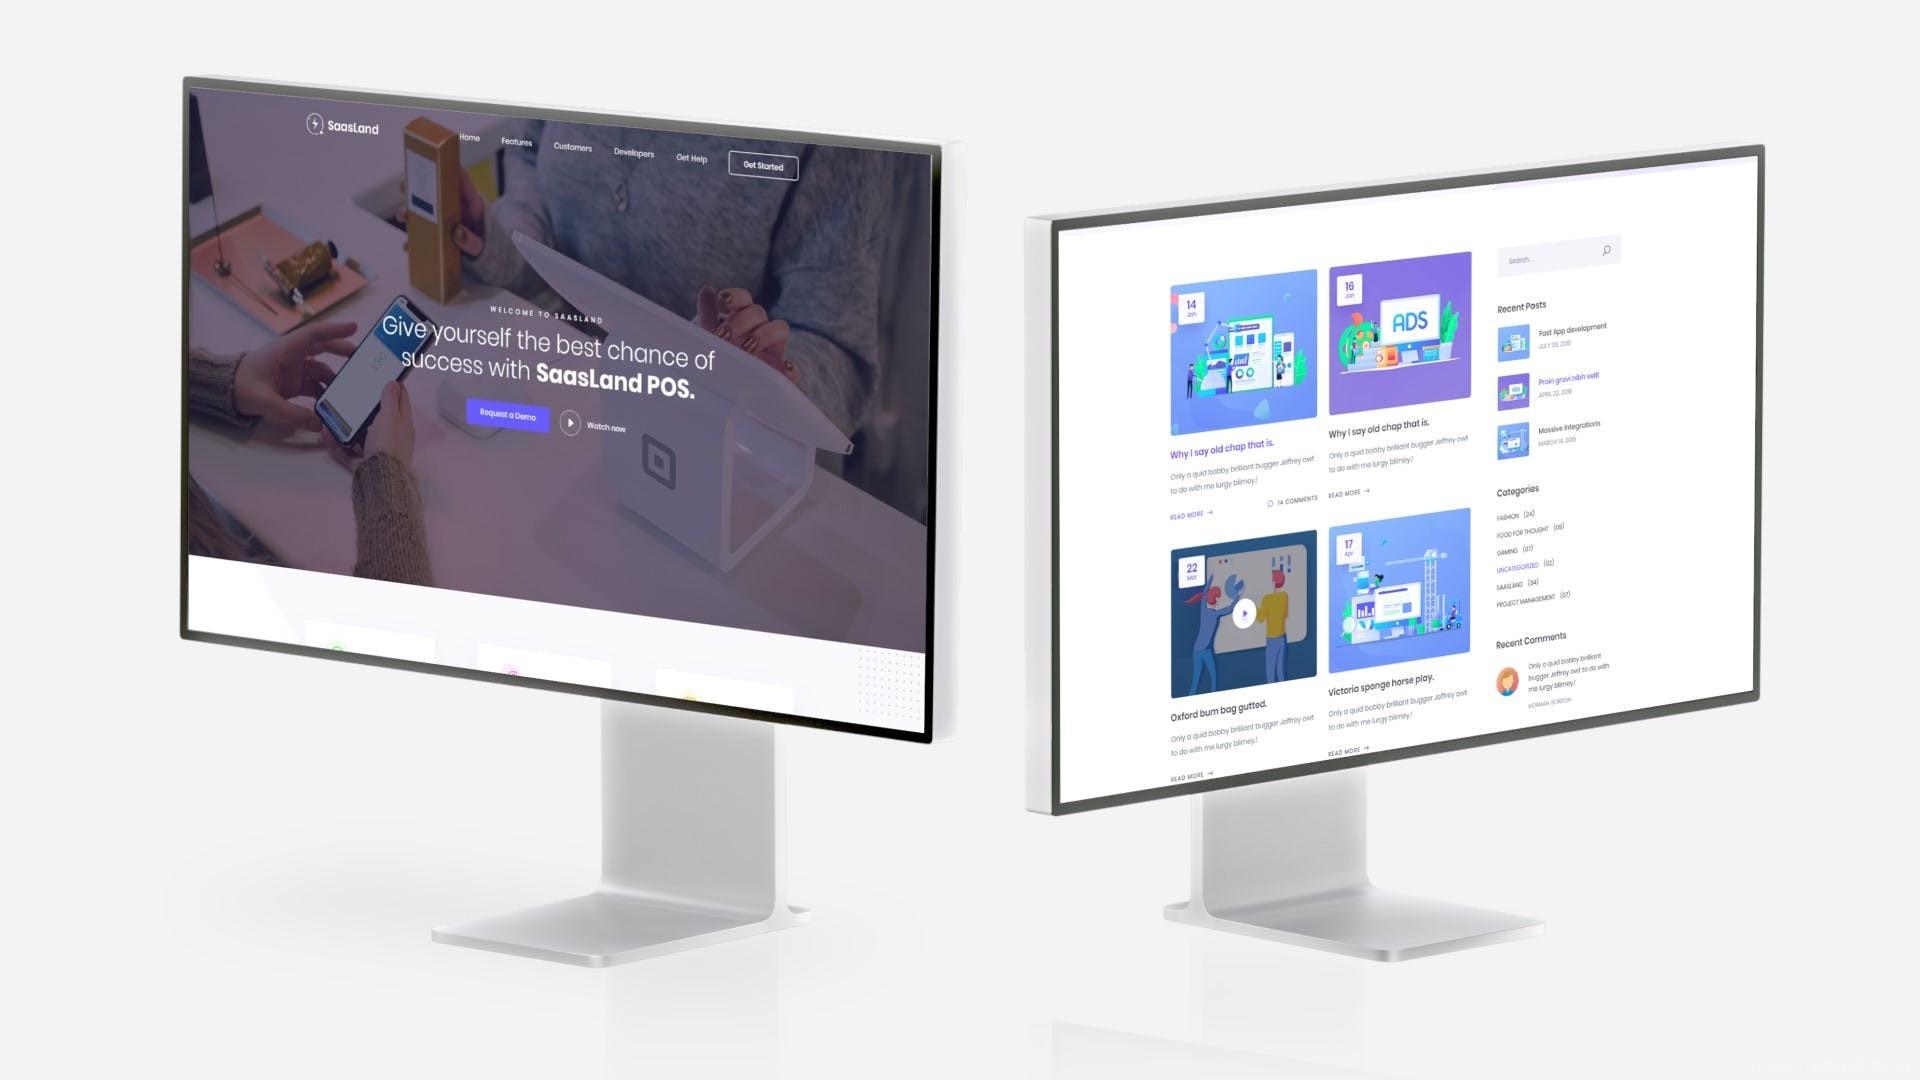 超全苹果电视样机模板,苹果6K屏幕显示器样机包 Pro Display XDR Mockup Pack